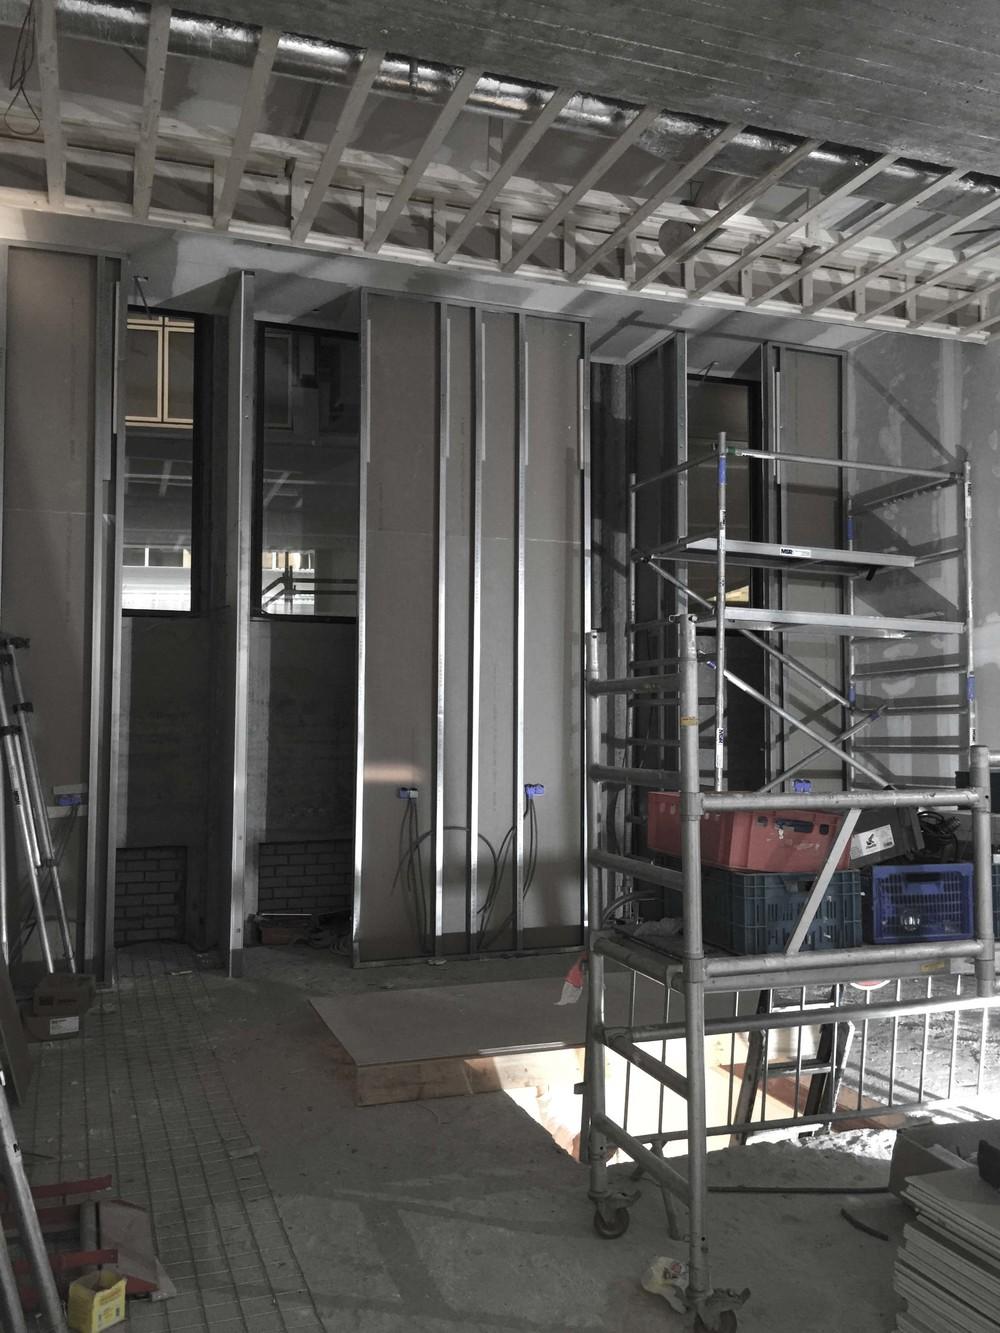 005 DANTE6  building lex de Gooijer Interiors meent-123.jpg